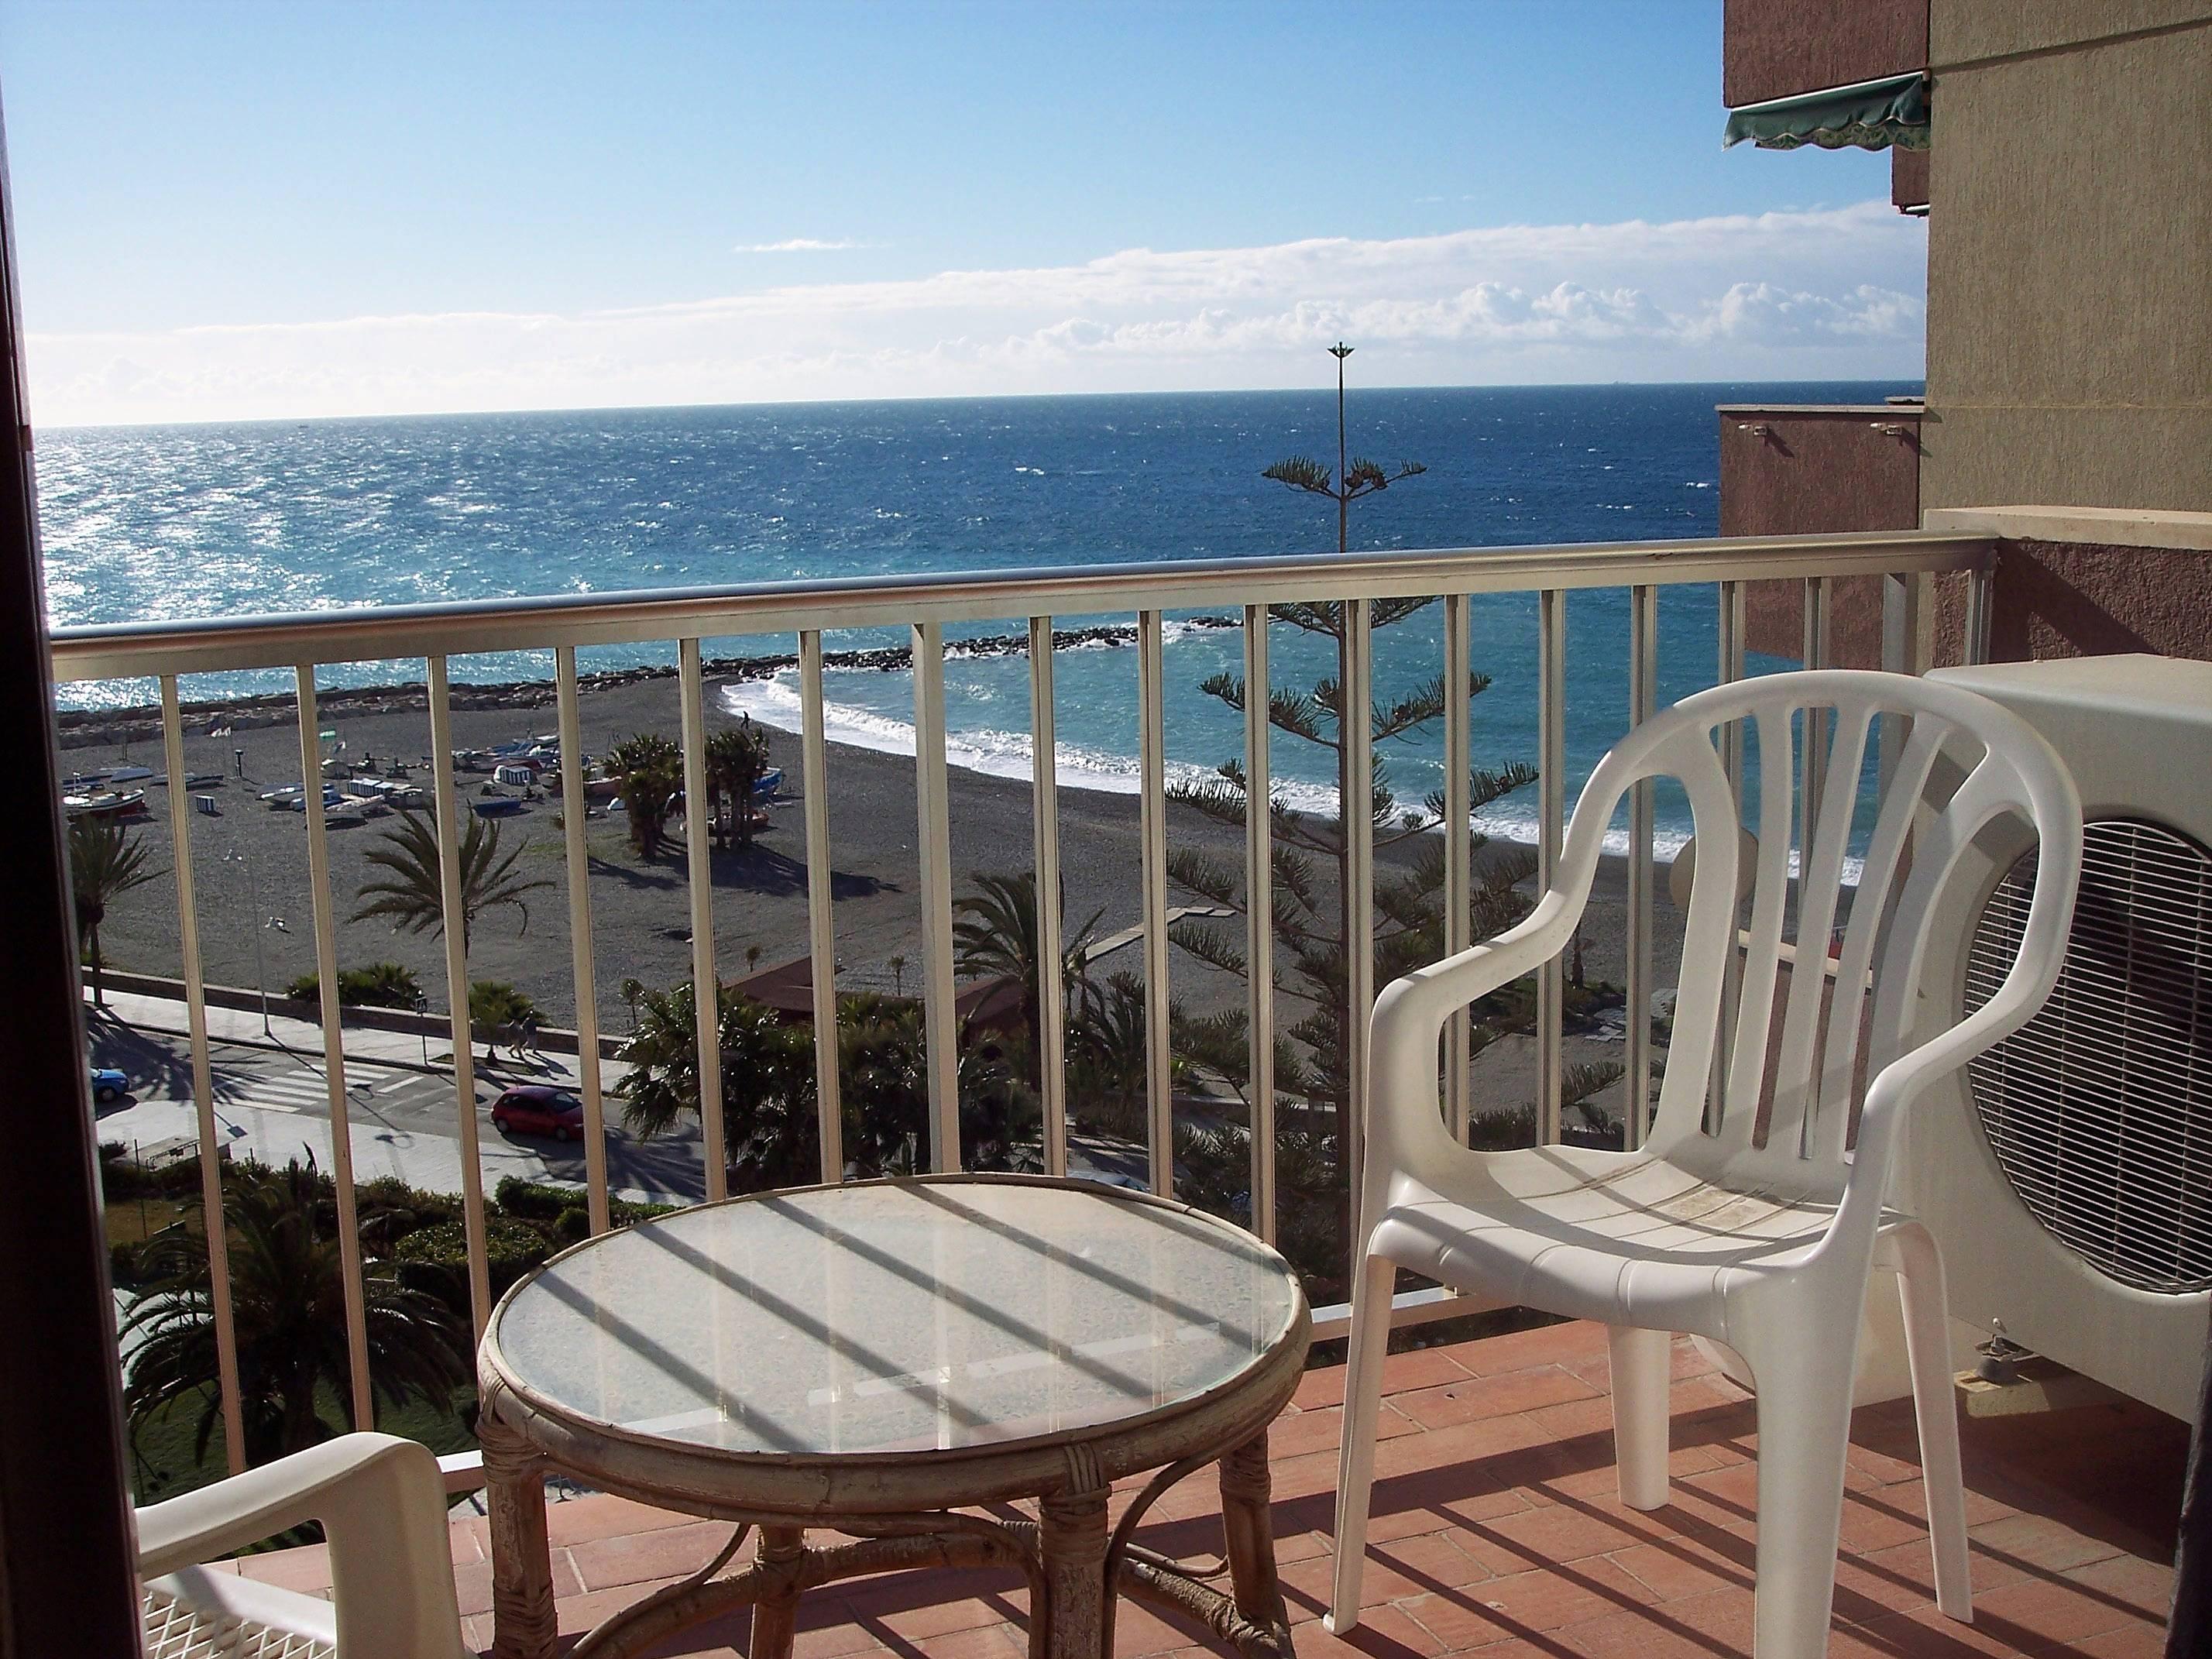 Apartamento en alquiler en 1a l nea de playa almu car granada costa tropical - Apartamentos en granada playa ...